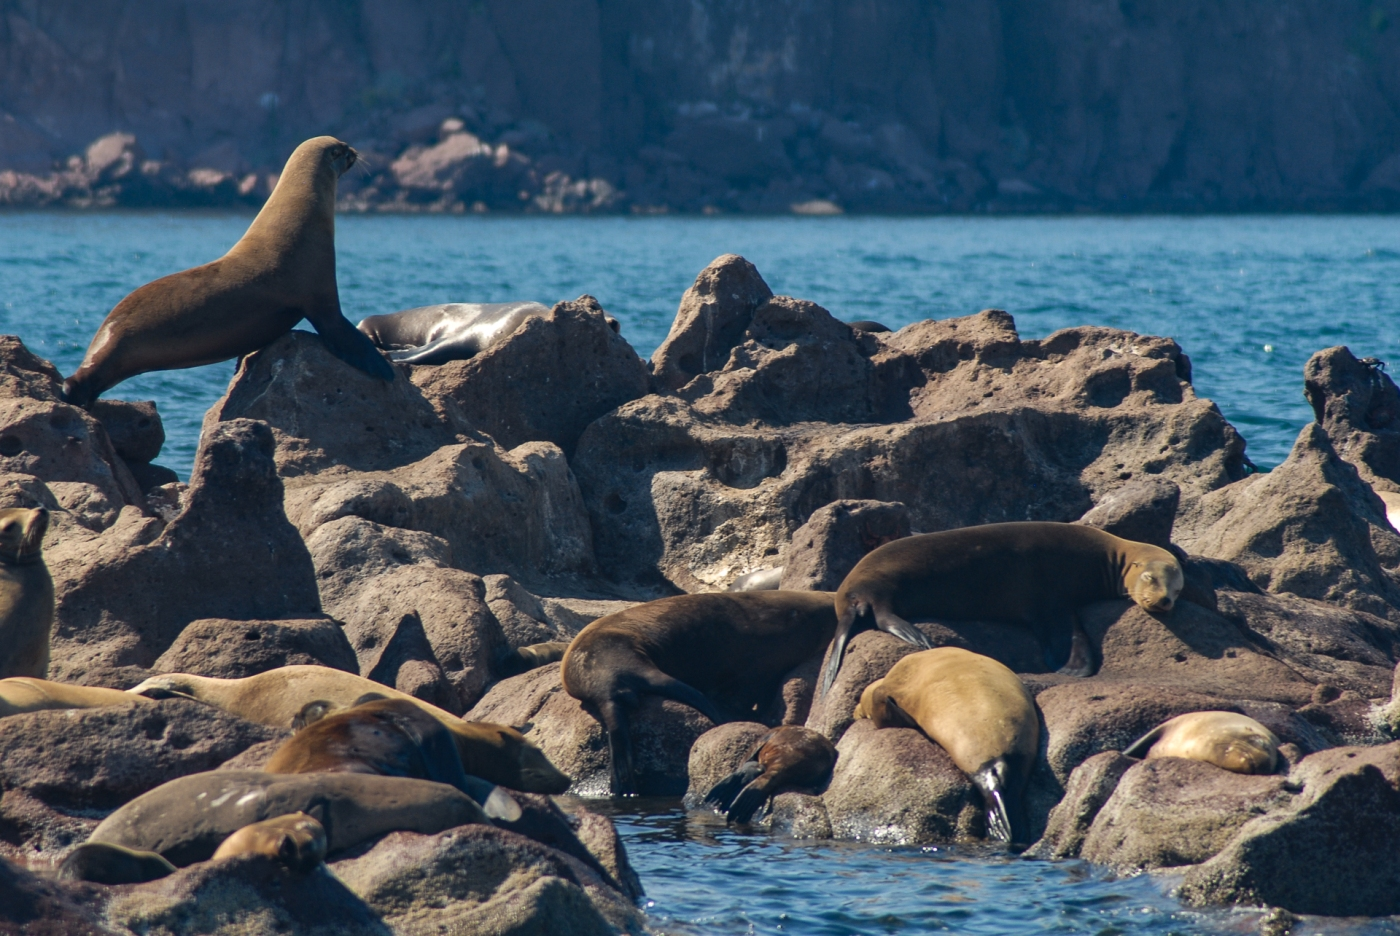 Lobos marinos en el archipiélago Espíritu Santo, Mar de Cortés, México.